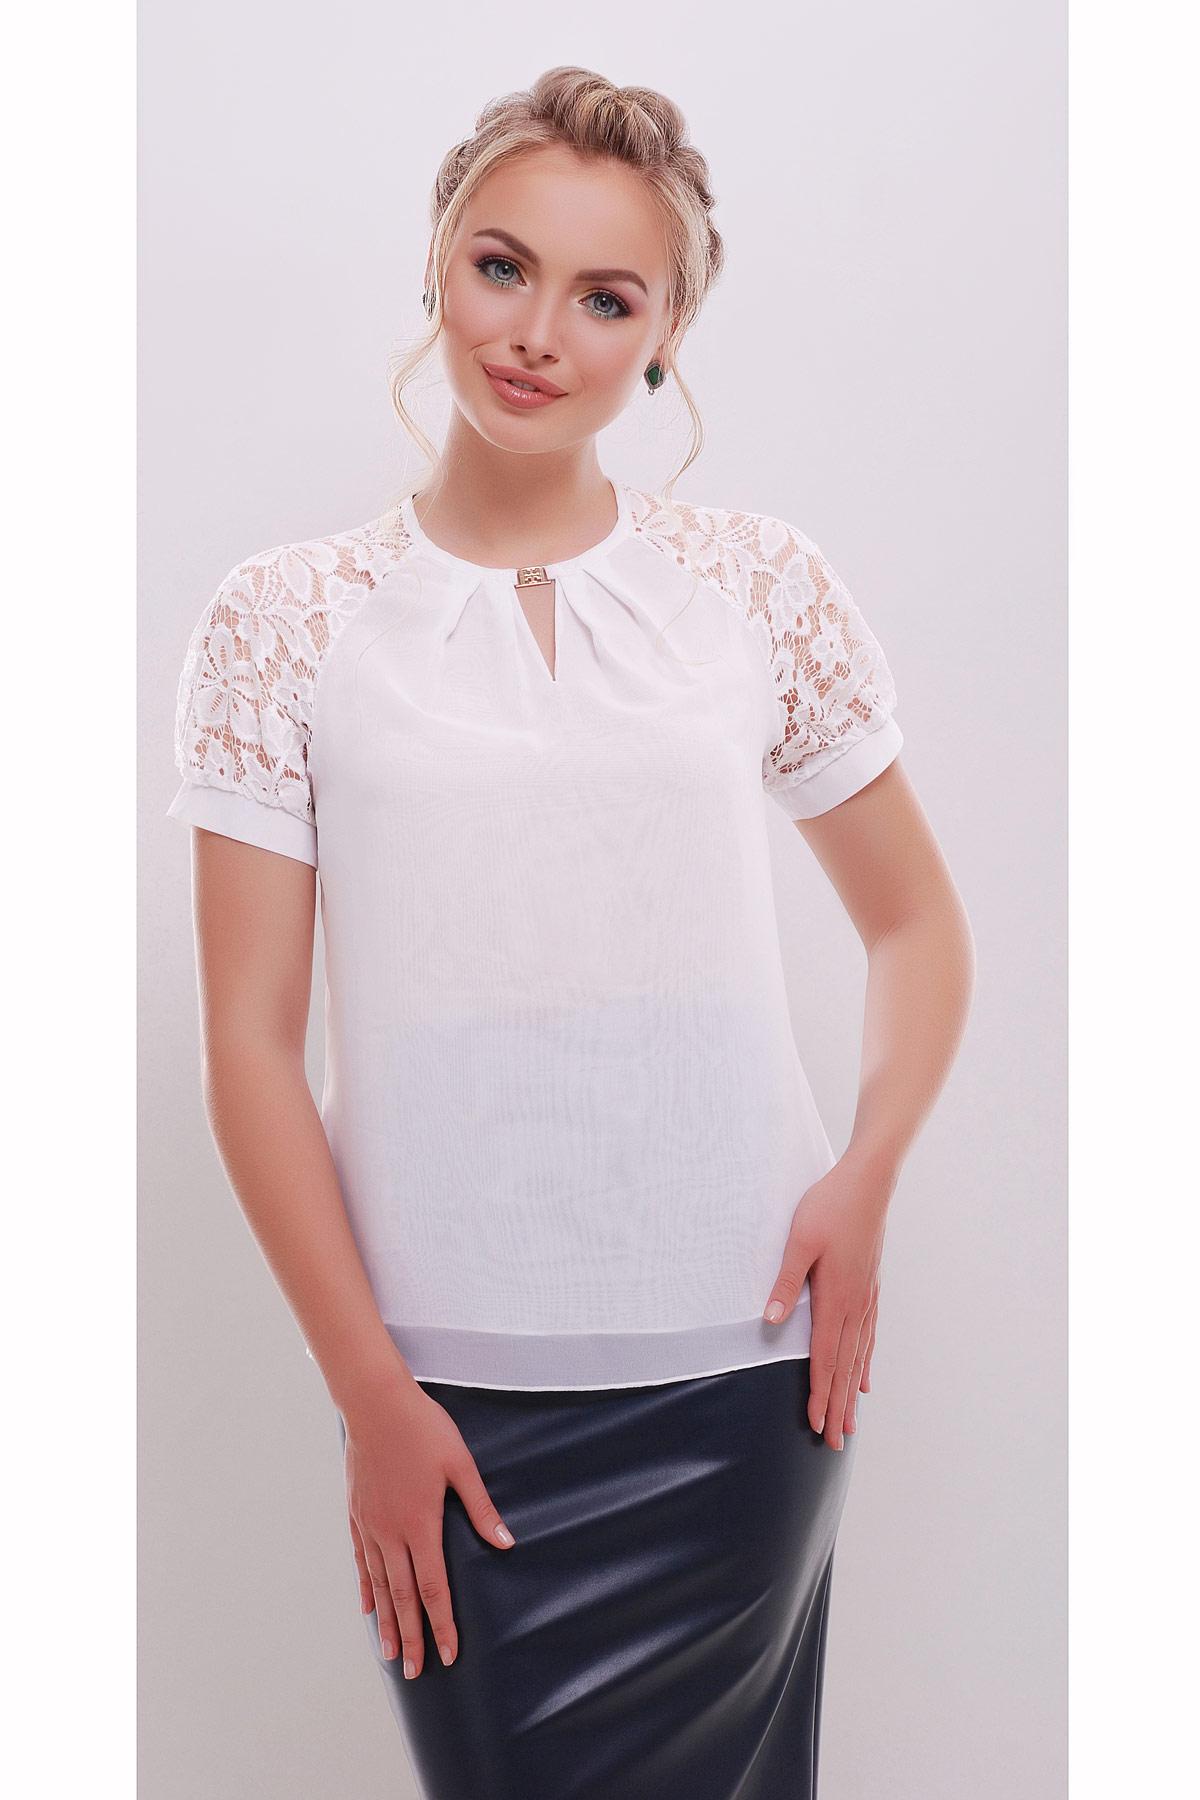 Белые шифоновые блузки купить